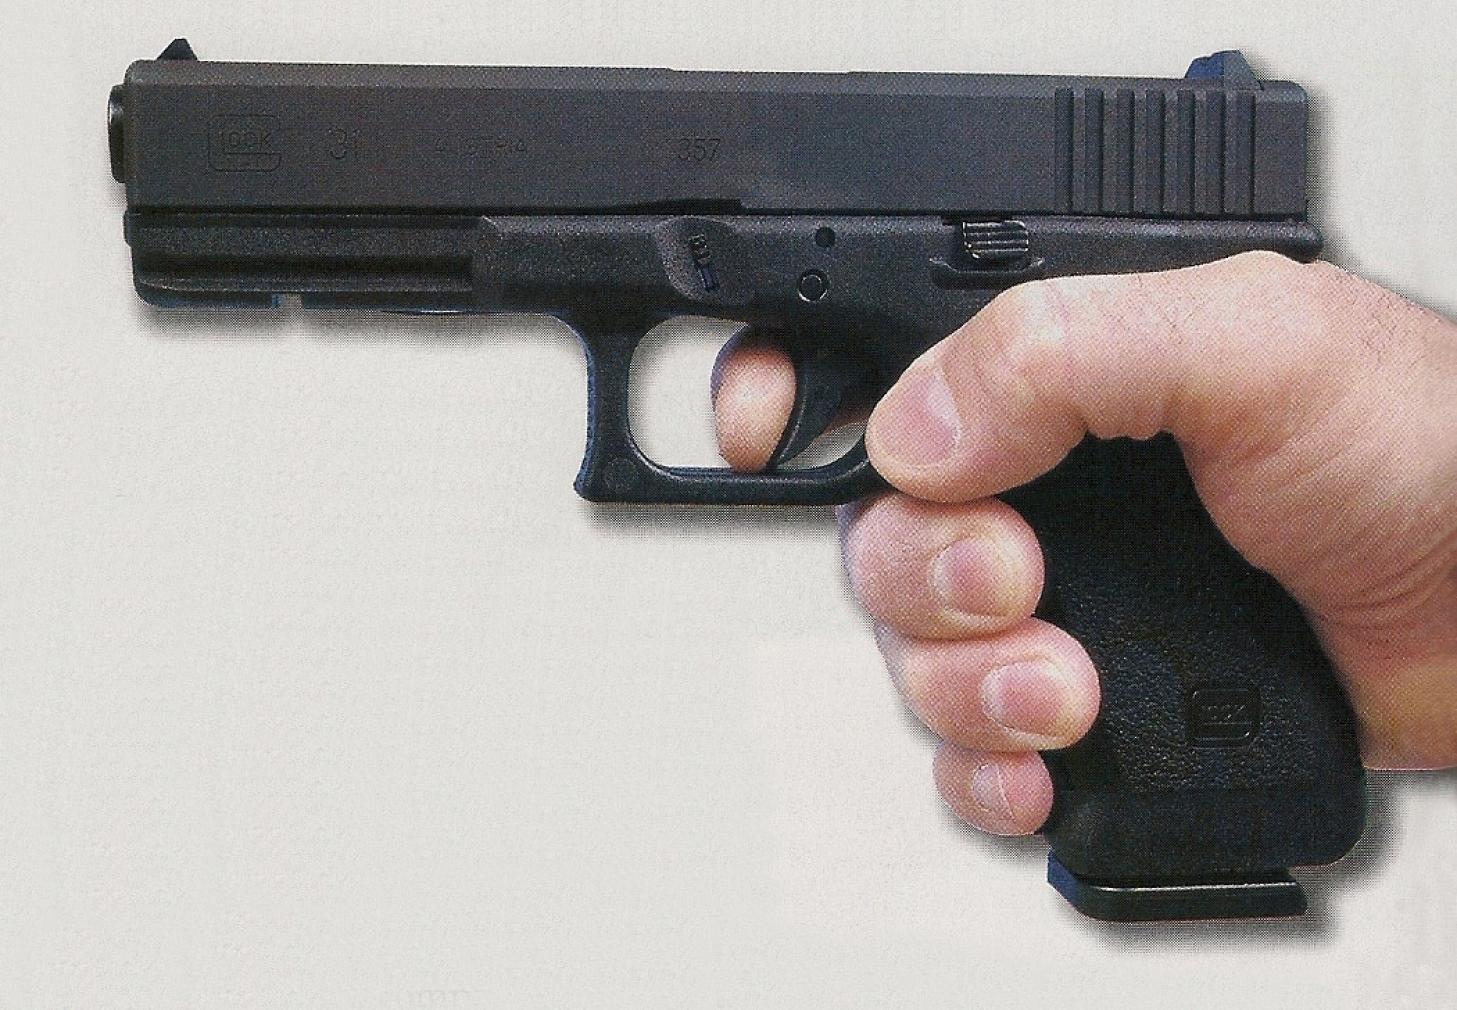 La prise en mains du Glock 31 (standard) est améliorée par la présence de reliefs ergonomiques. Notez l'apparition d'un rail, à l'avant de la carcasse, pour la fixation d'accessoires optionnels.